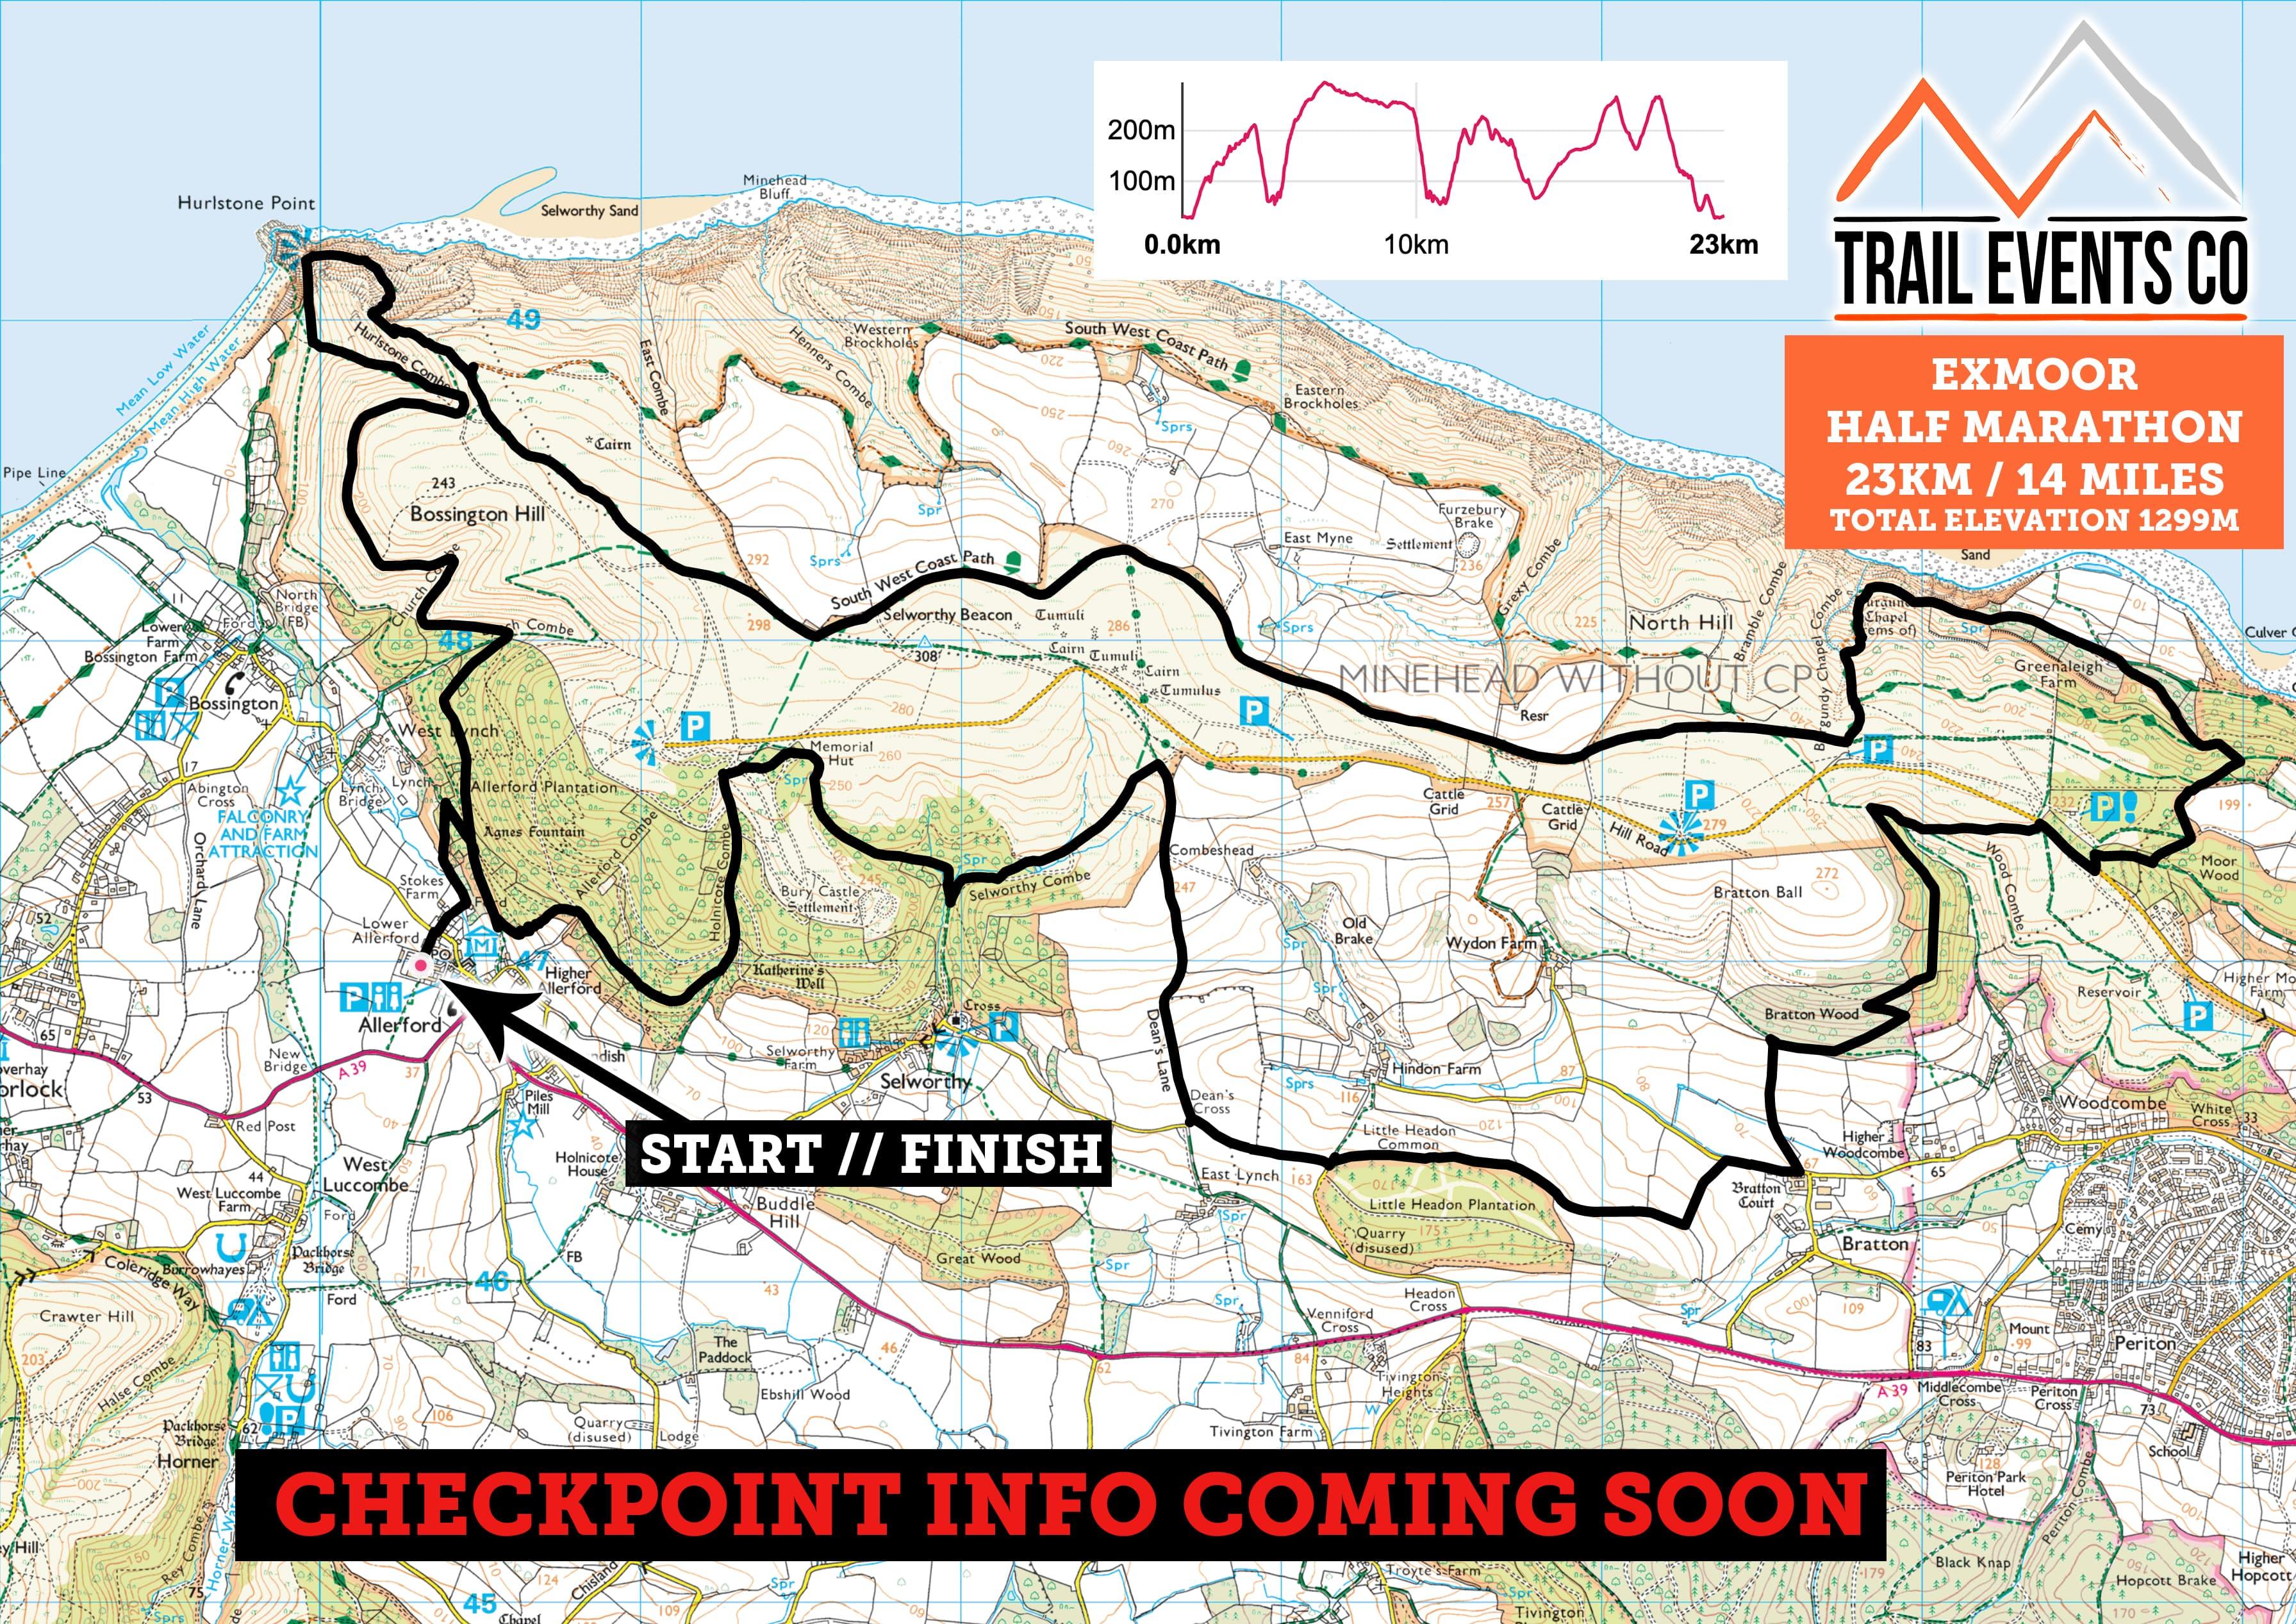 Exmoor Half Marathon